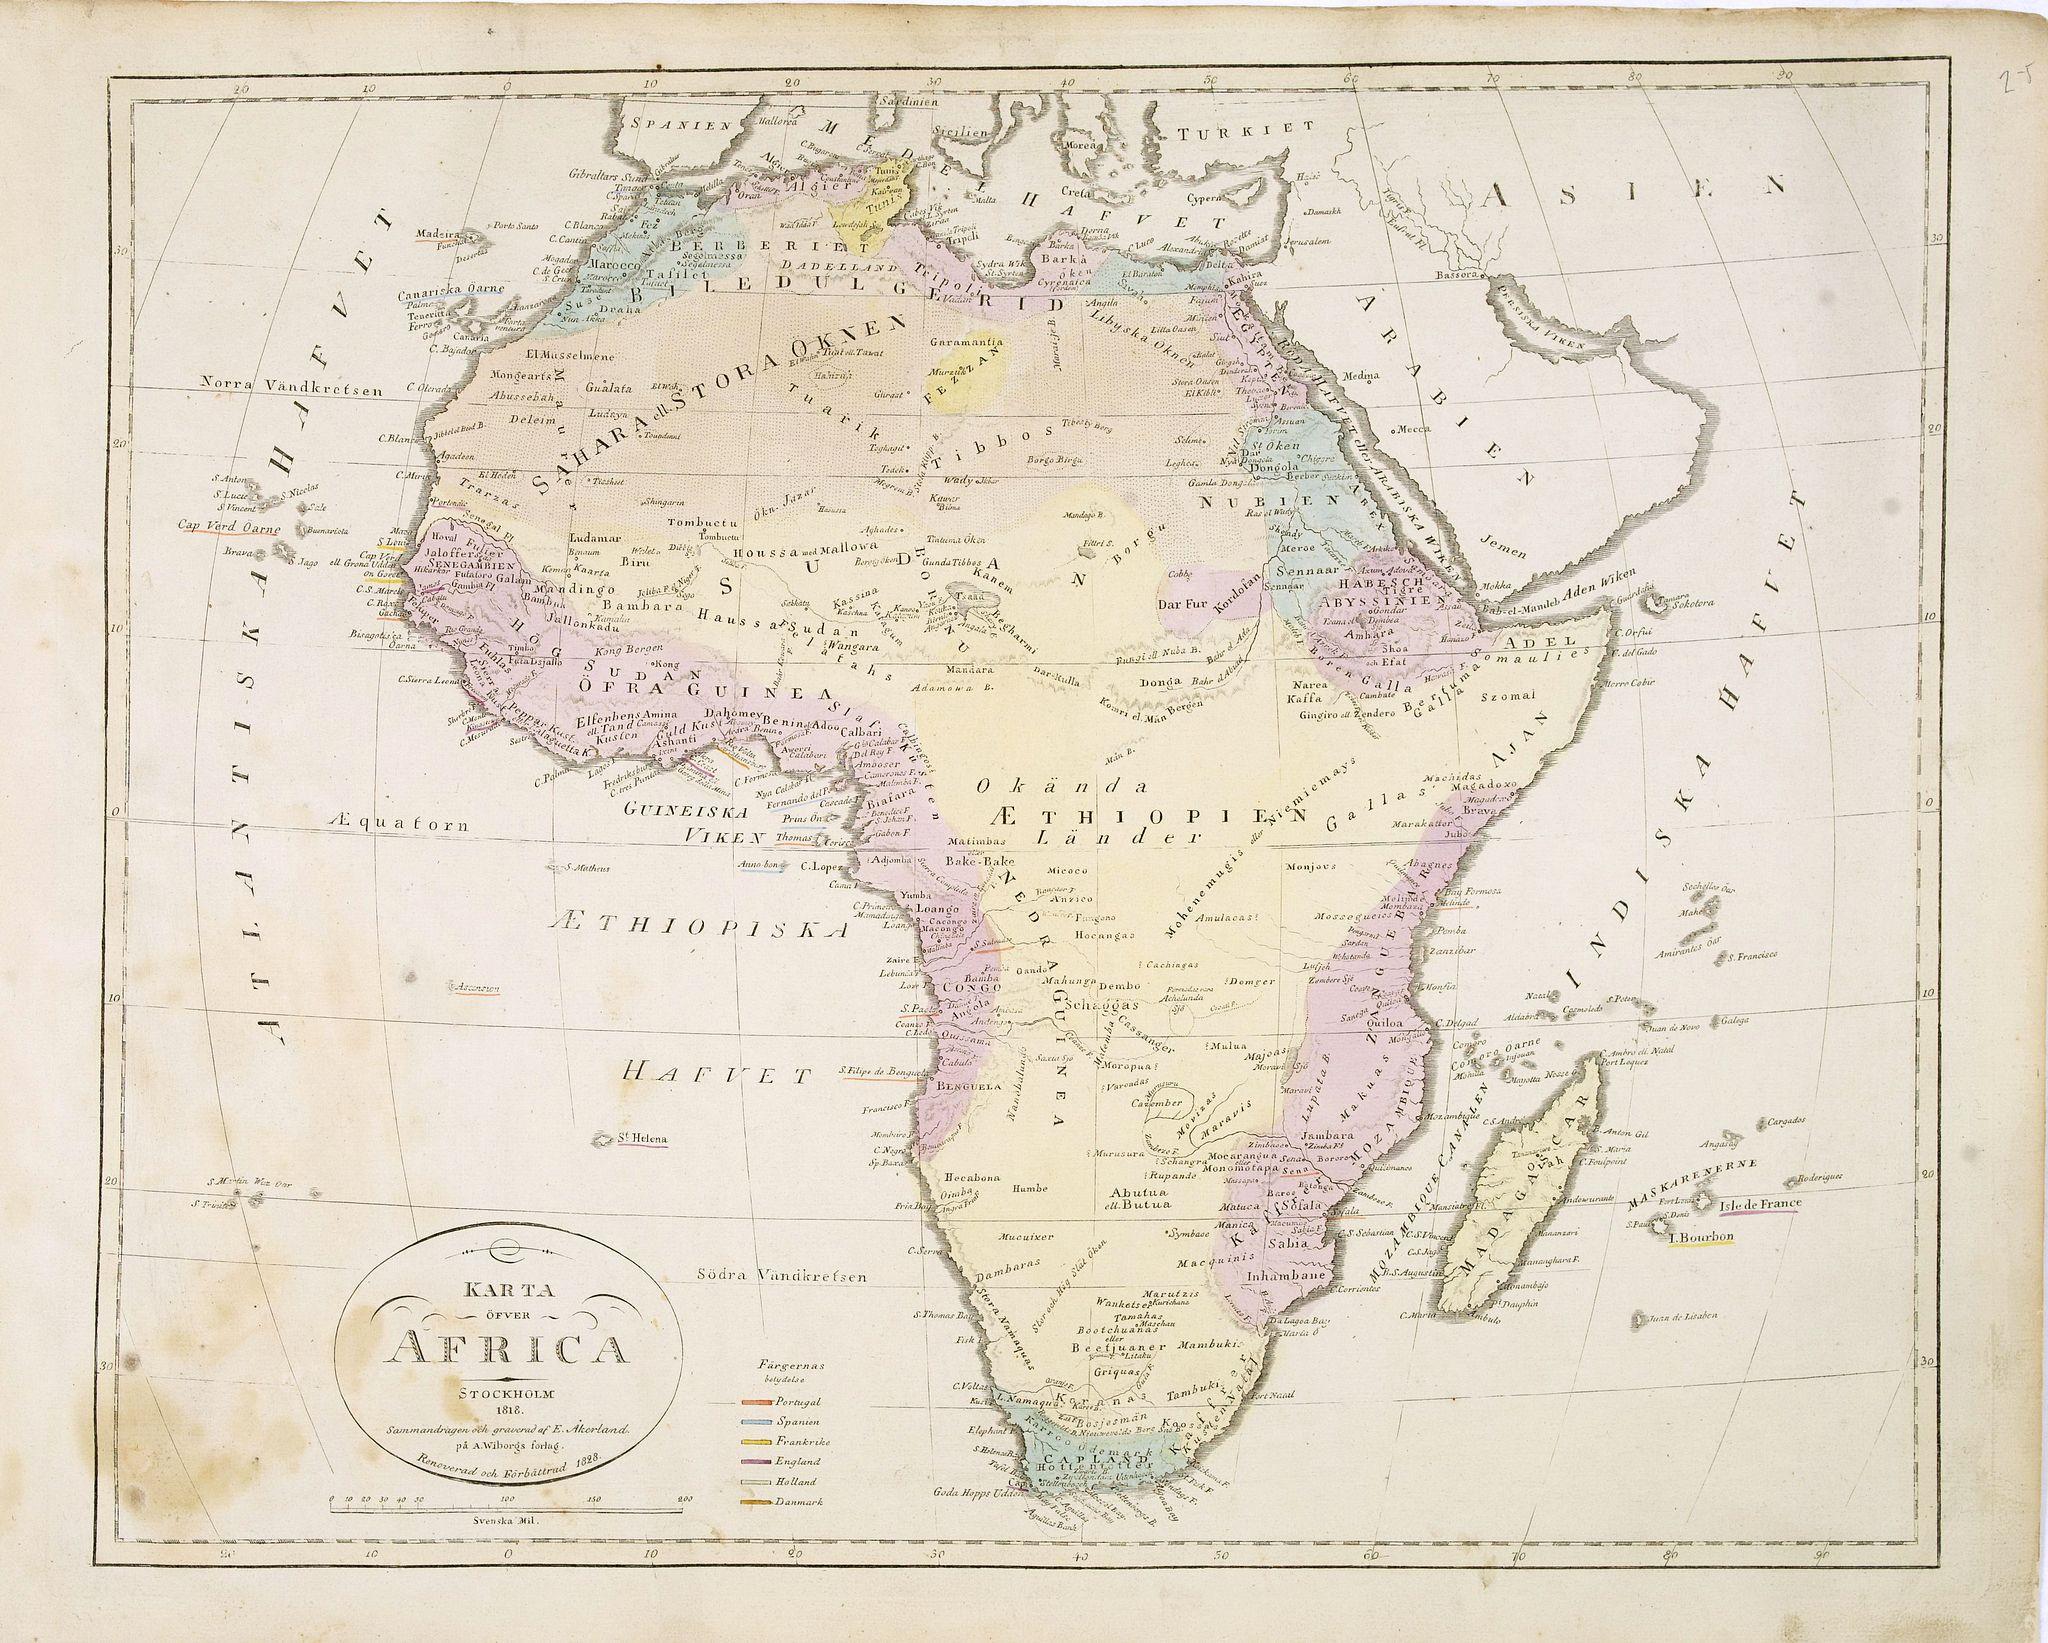 ÅKERLAND, E -  Karta öfver Africa.